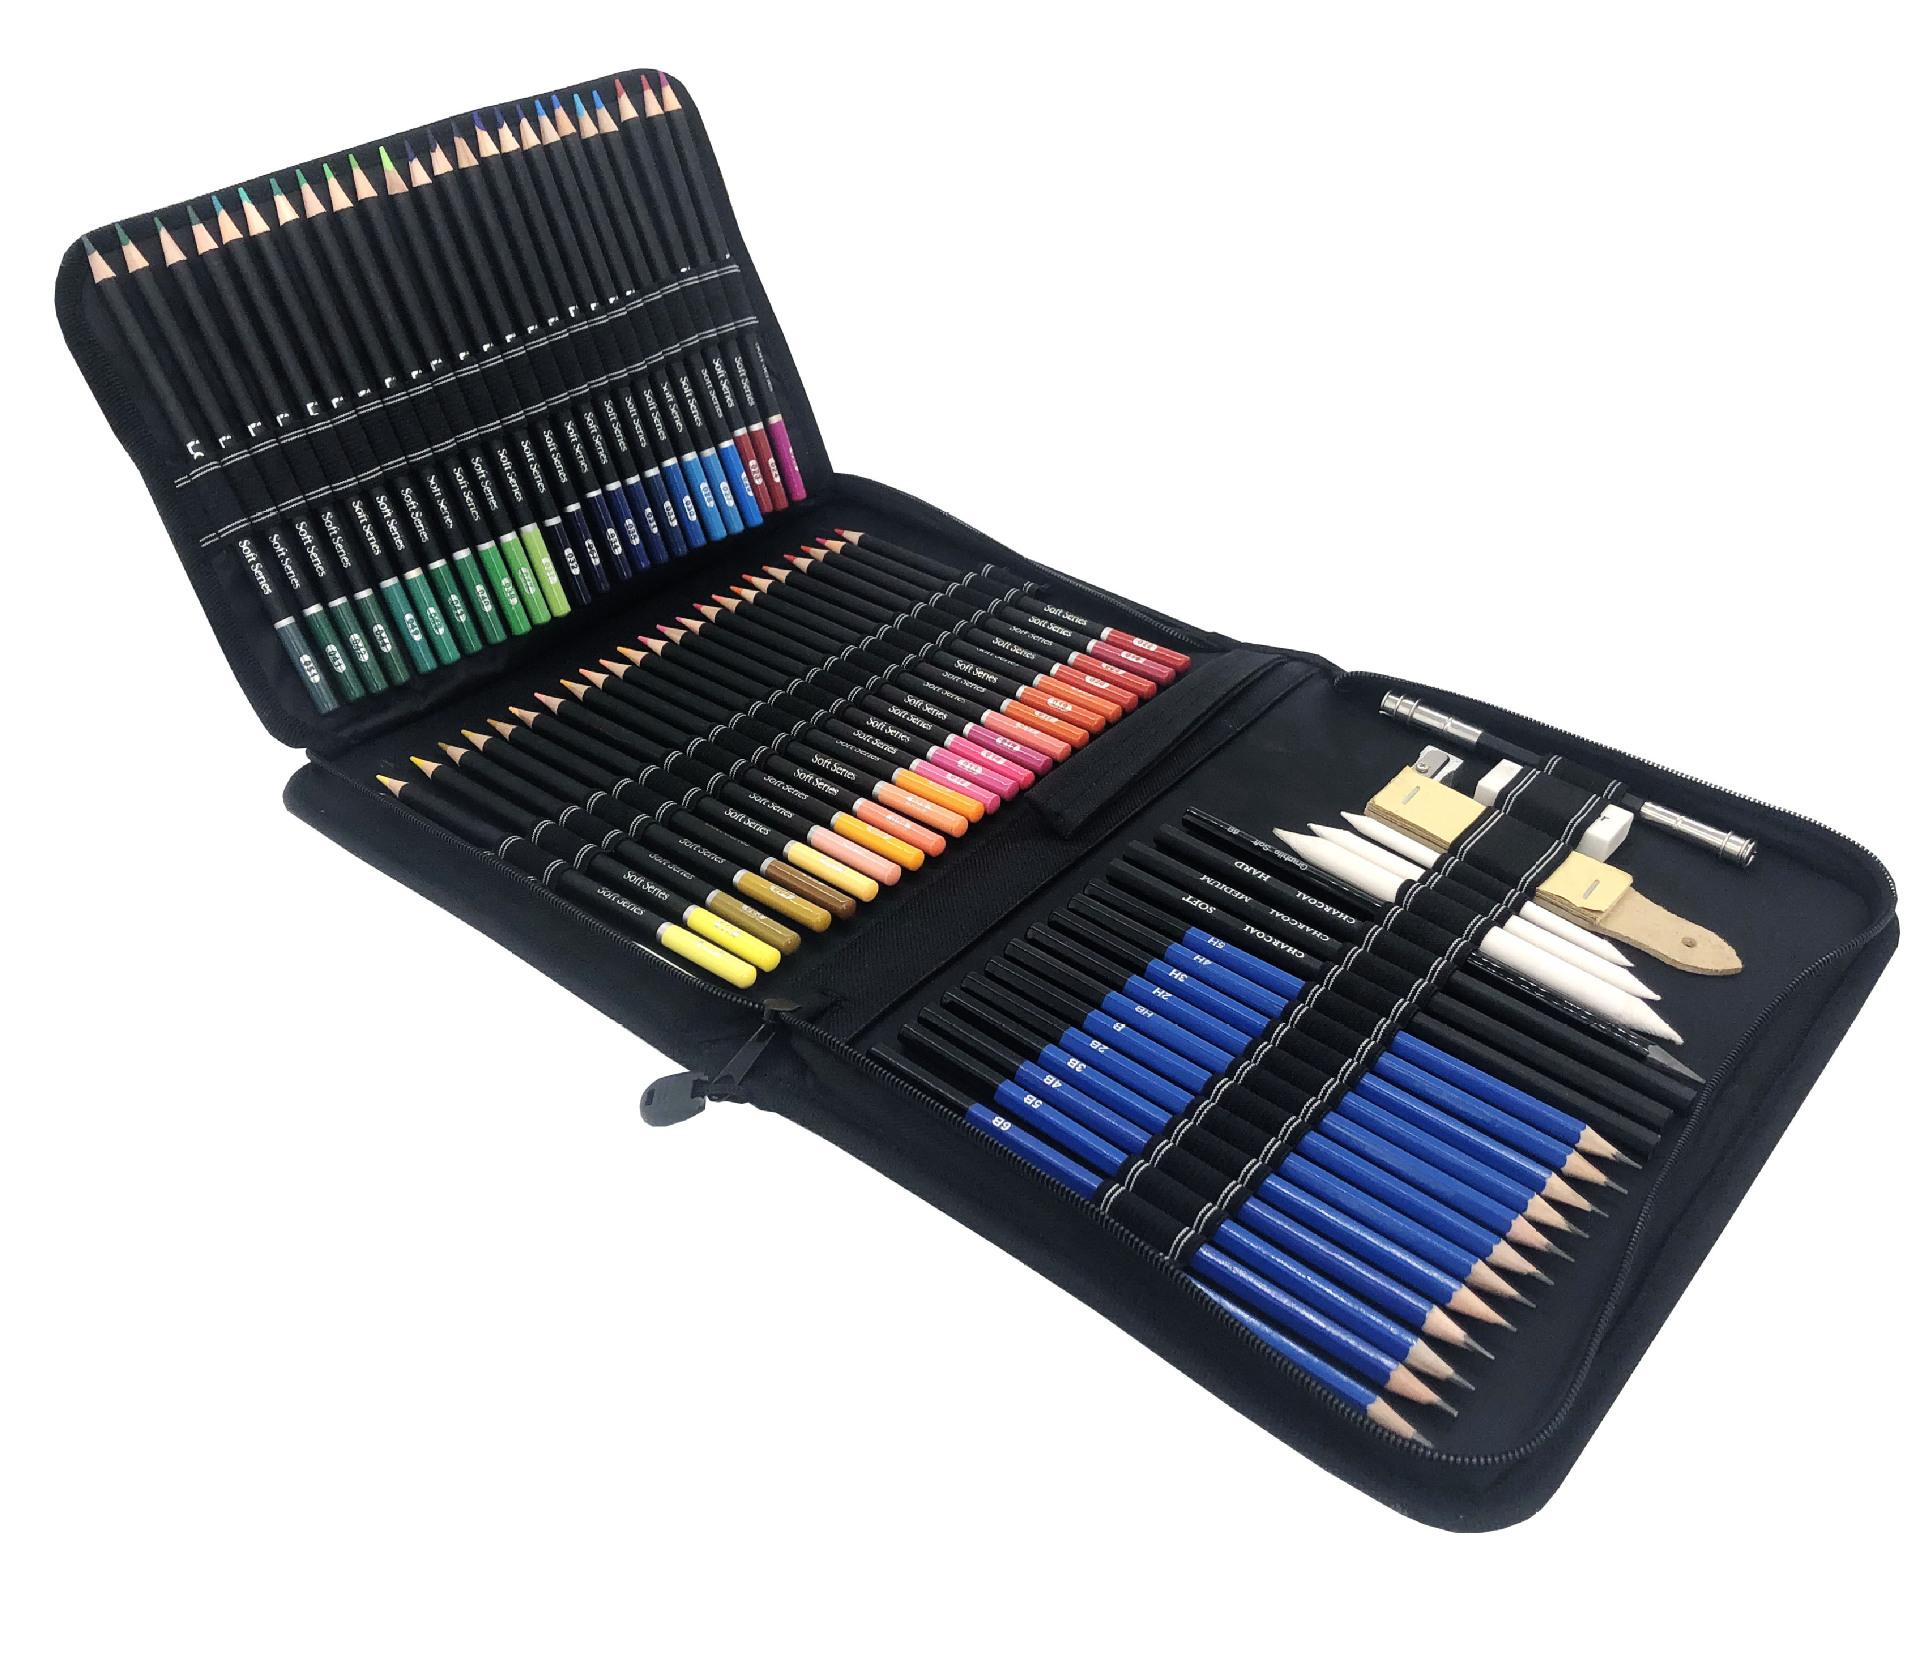 Yover Đồ mỹ nghệ Mới 95 mảnh màu bút chì bộ phác thảo bút chì nghệ thuật cung cấp bộ